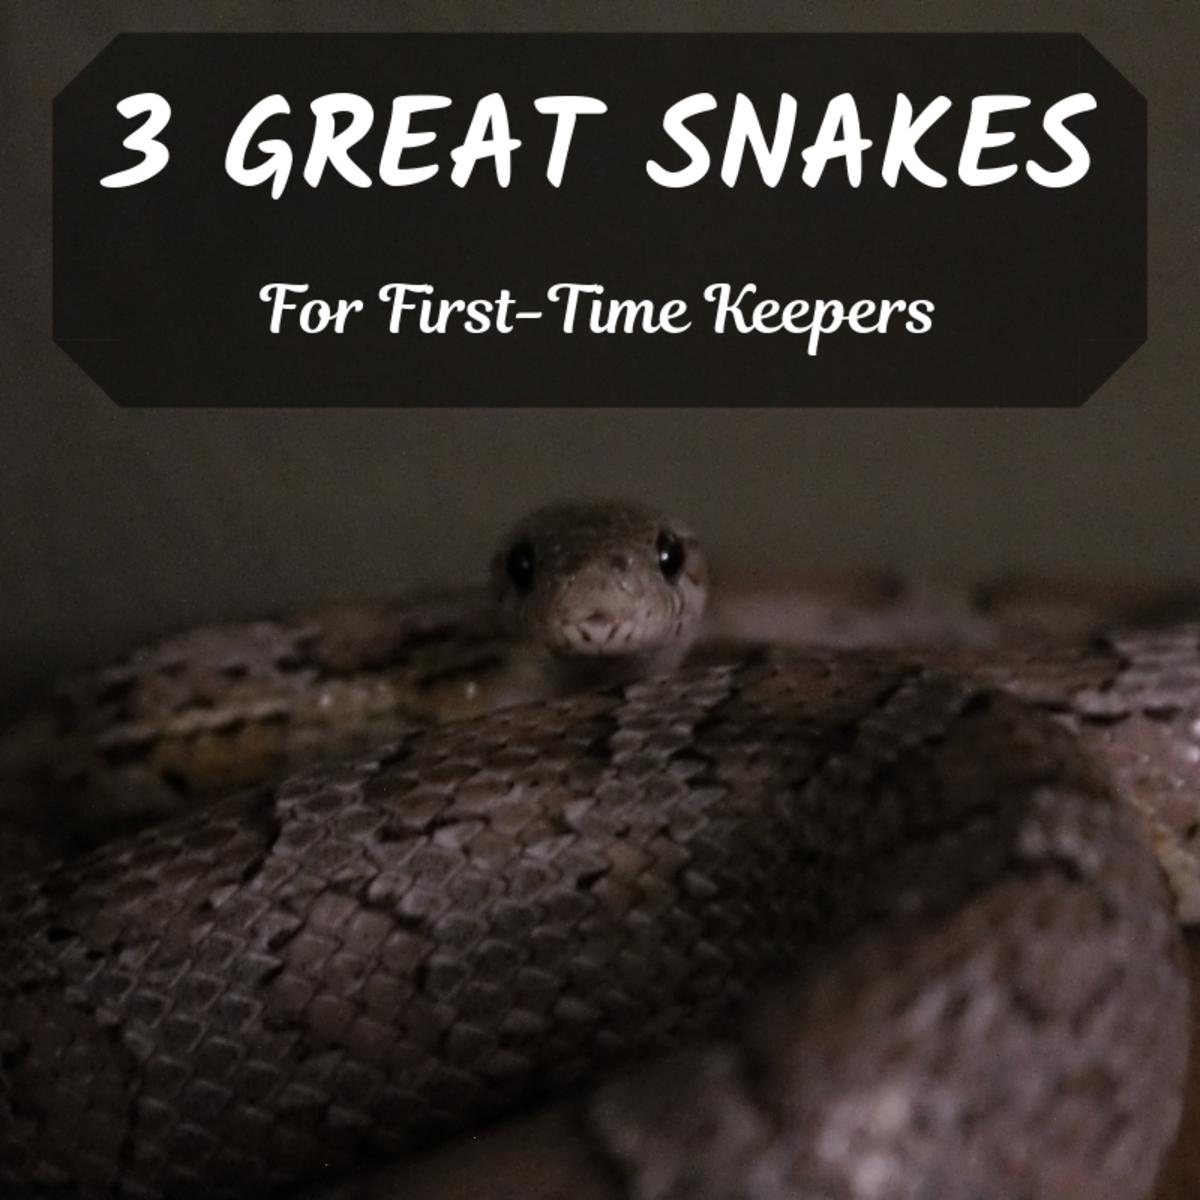 Corn Snakes, Ball Pythons, and Red Boas—Good Beginner Snakes?